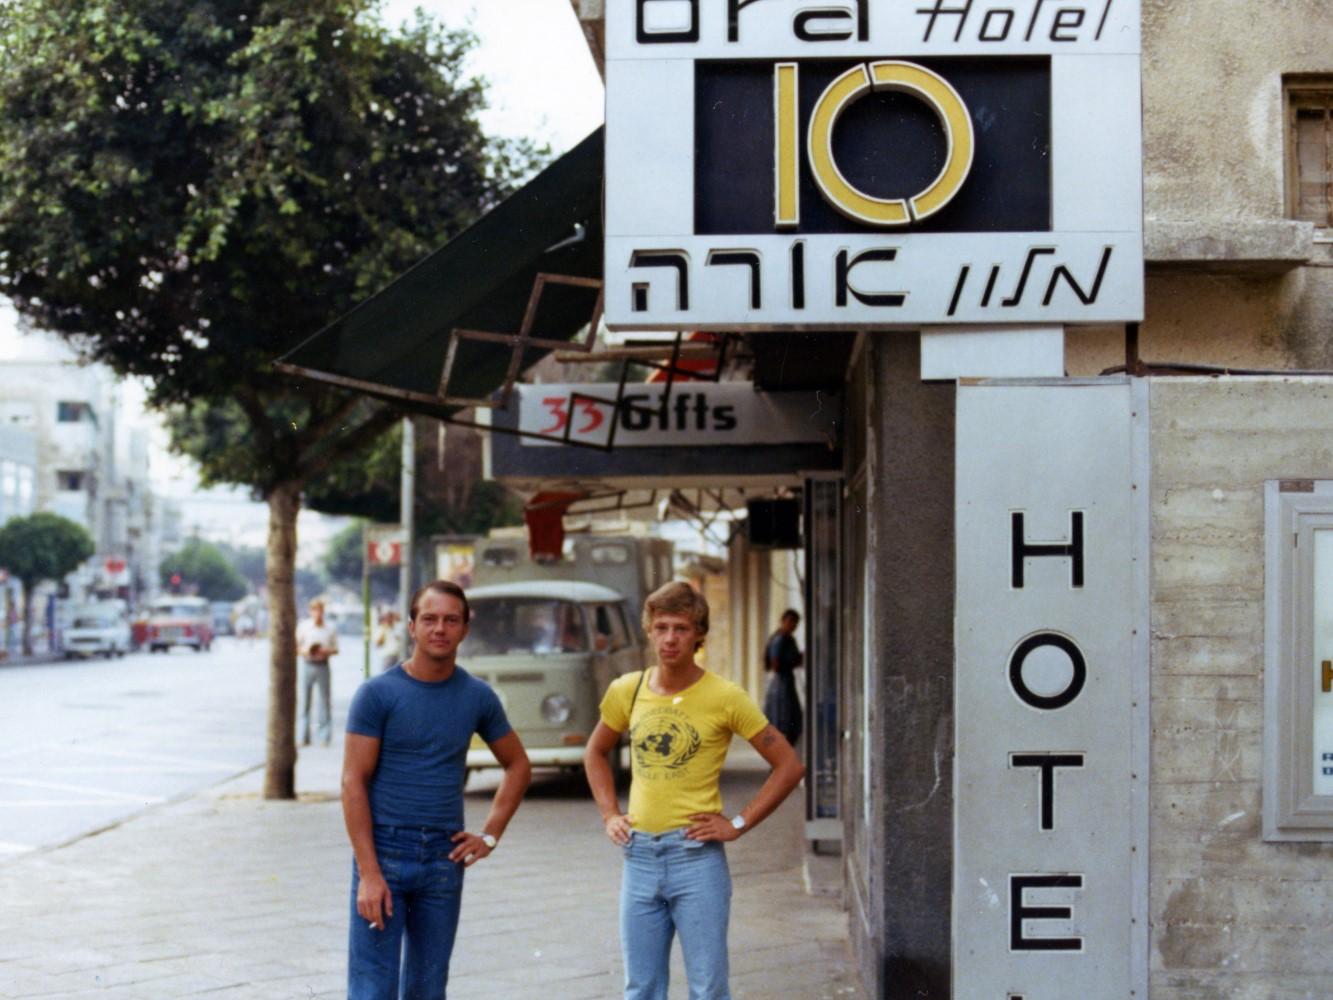 Utanför hotellet i Tel Aviv / Foto: Lars-Åke Jansson